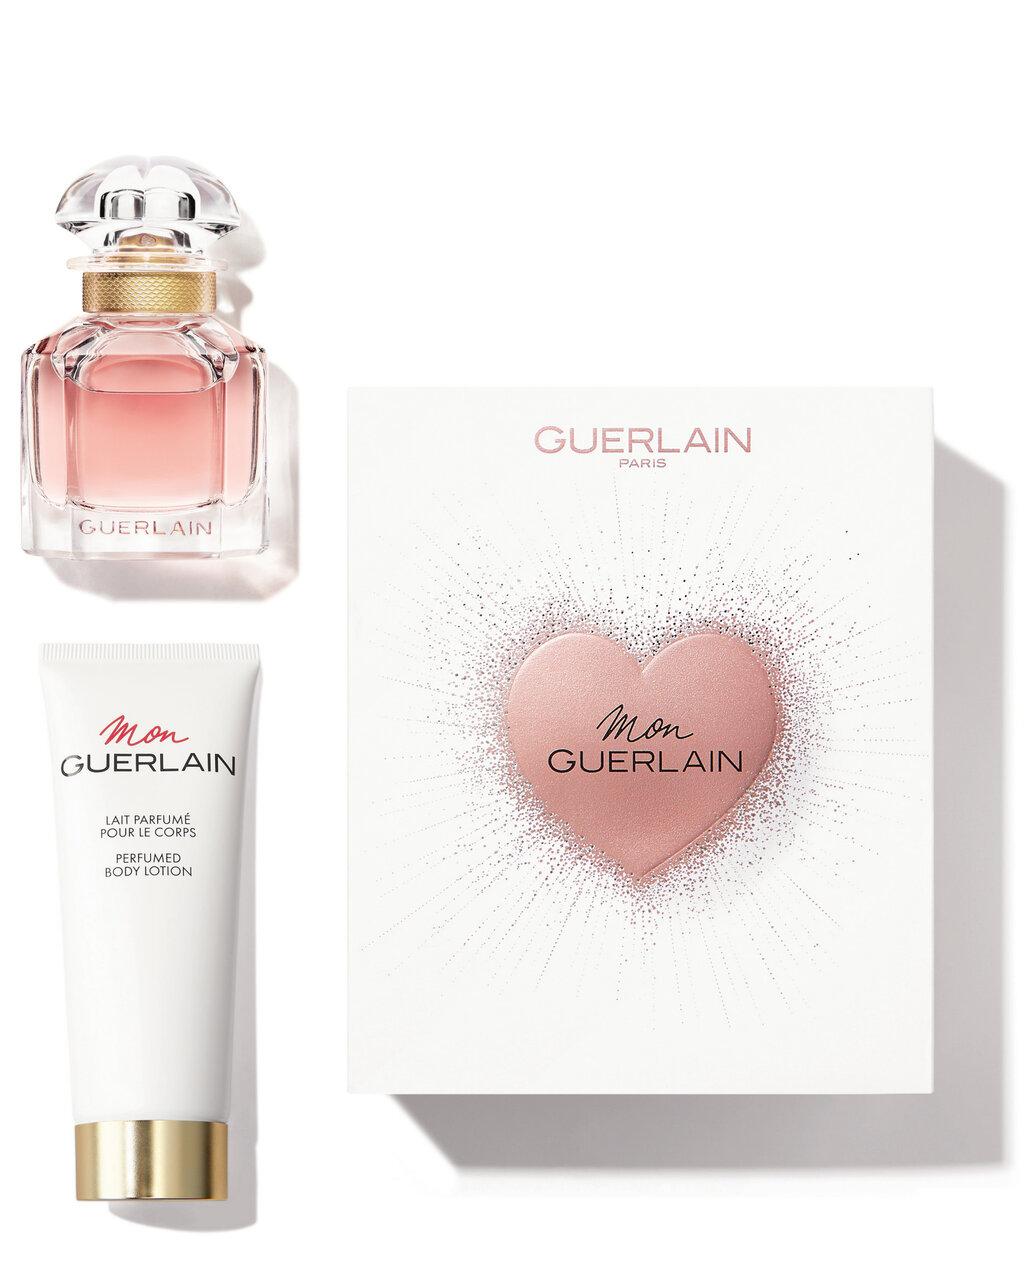 GUERLAIN/ゲラン モン ゲラン オーデパルファン コフレ